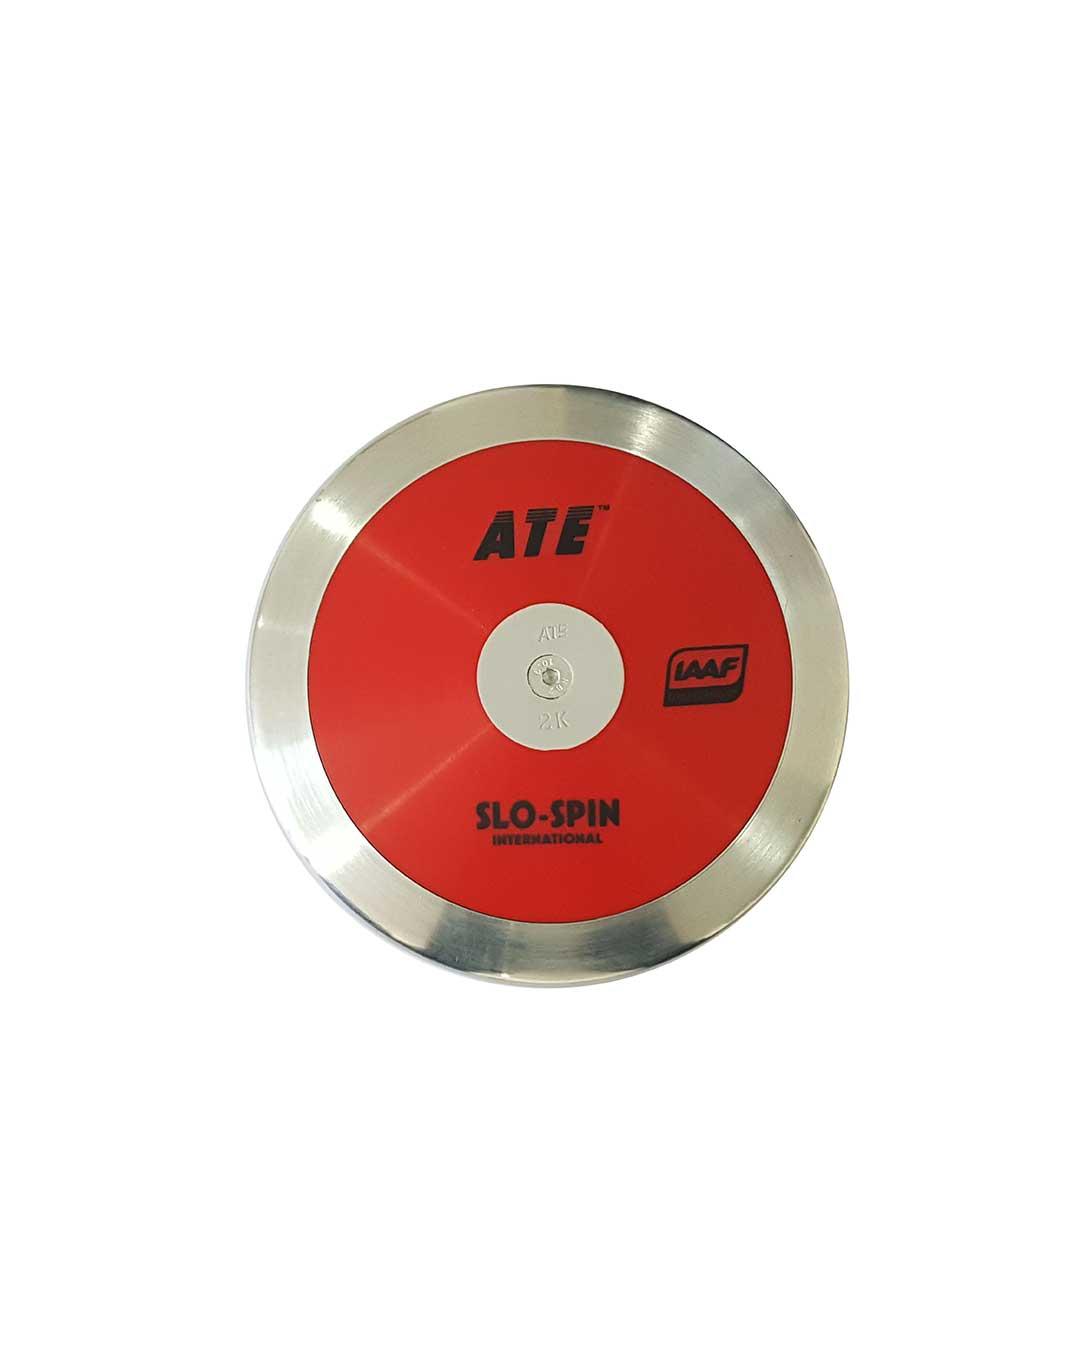 Disco de atletismo Slo-spin (Certificado IAAF)